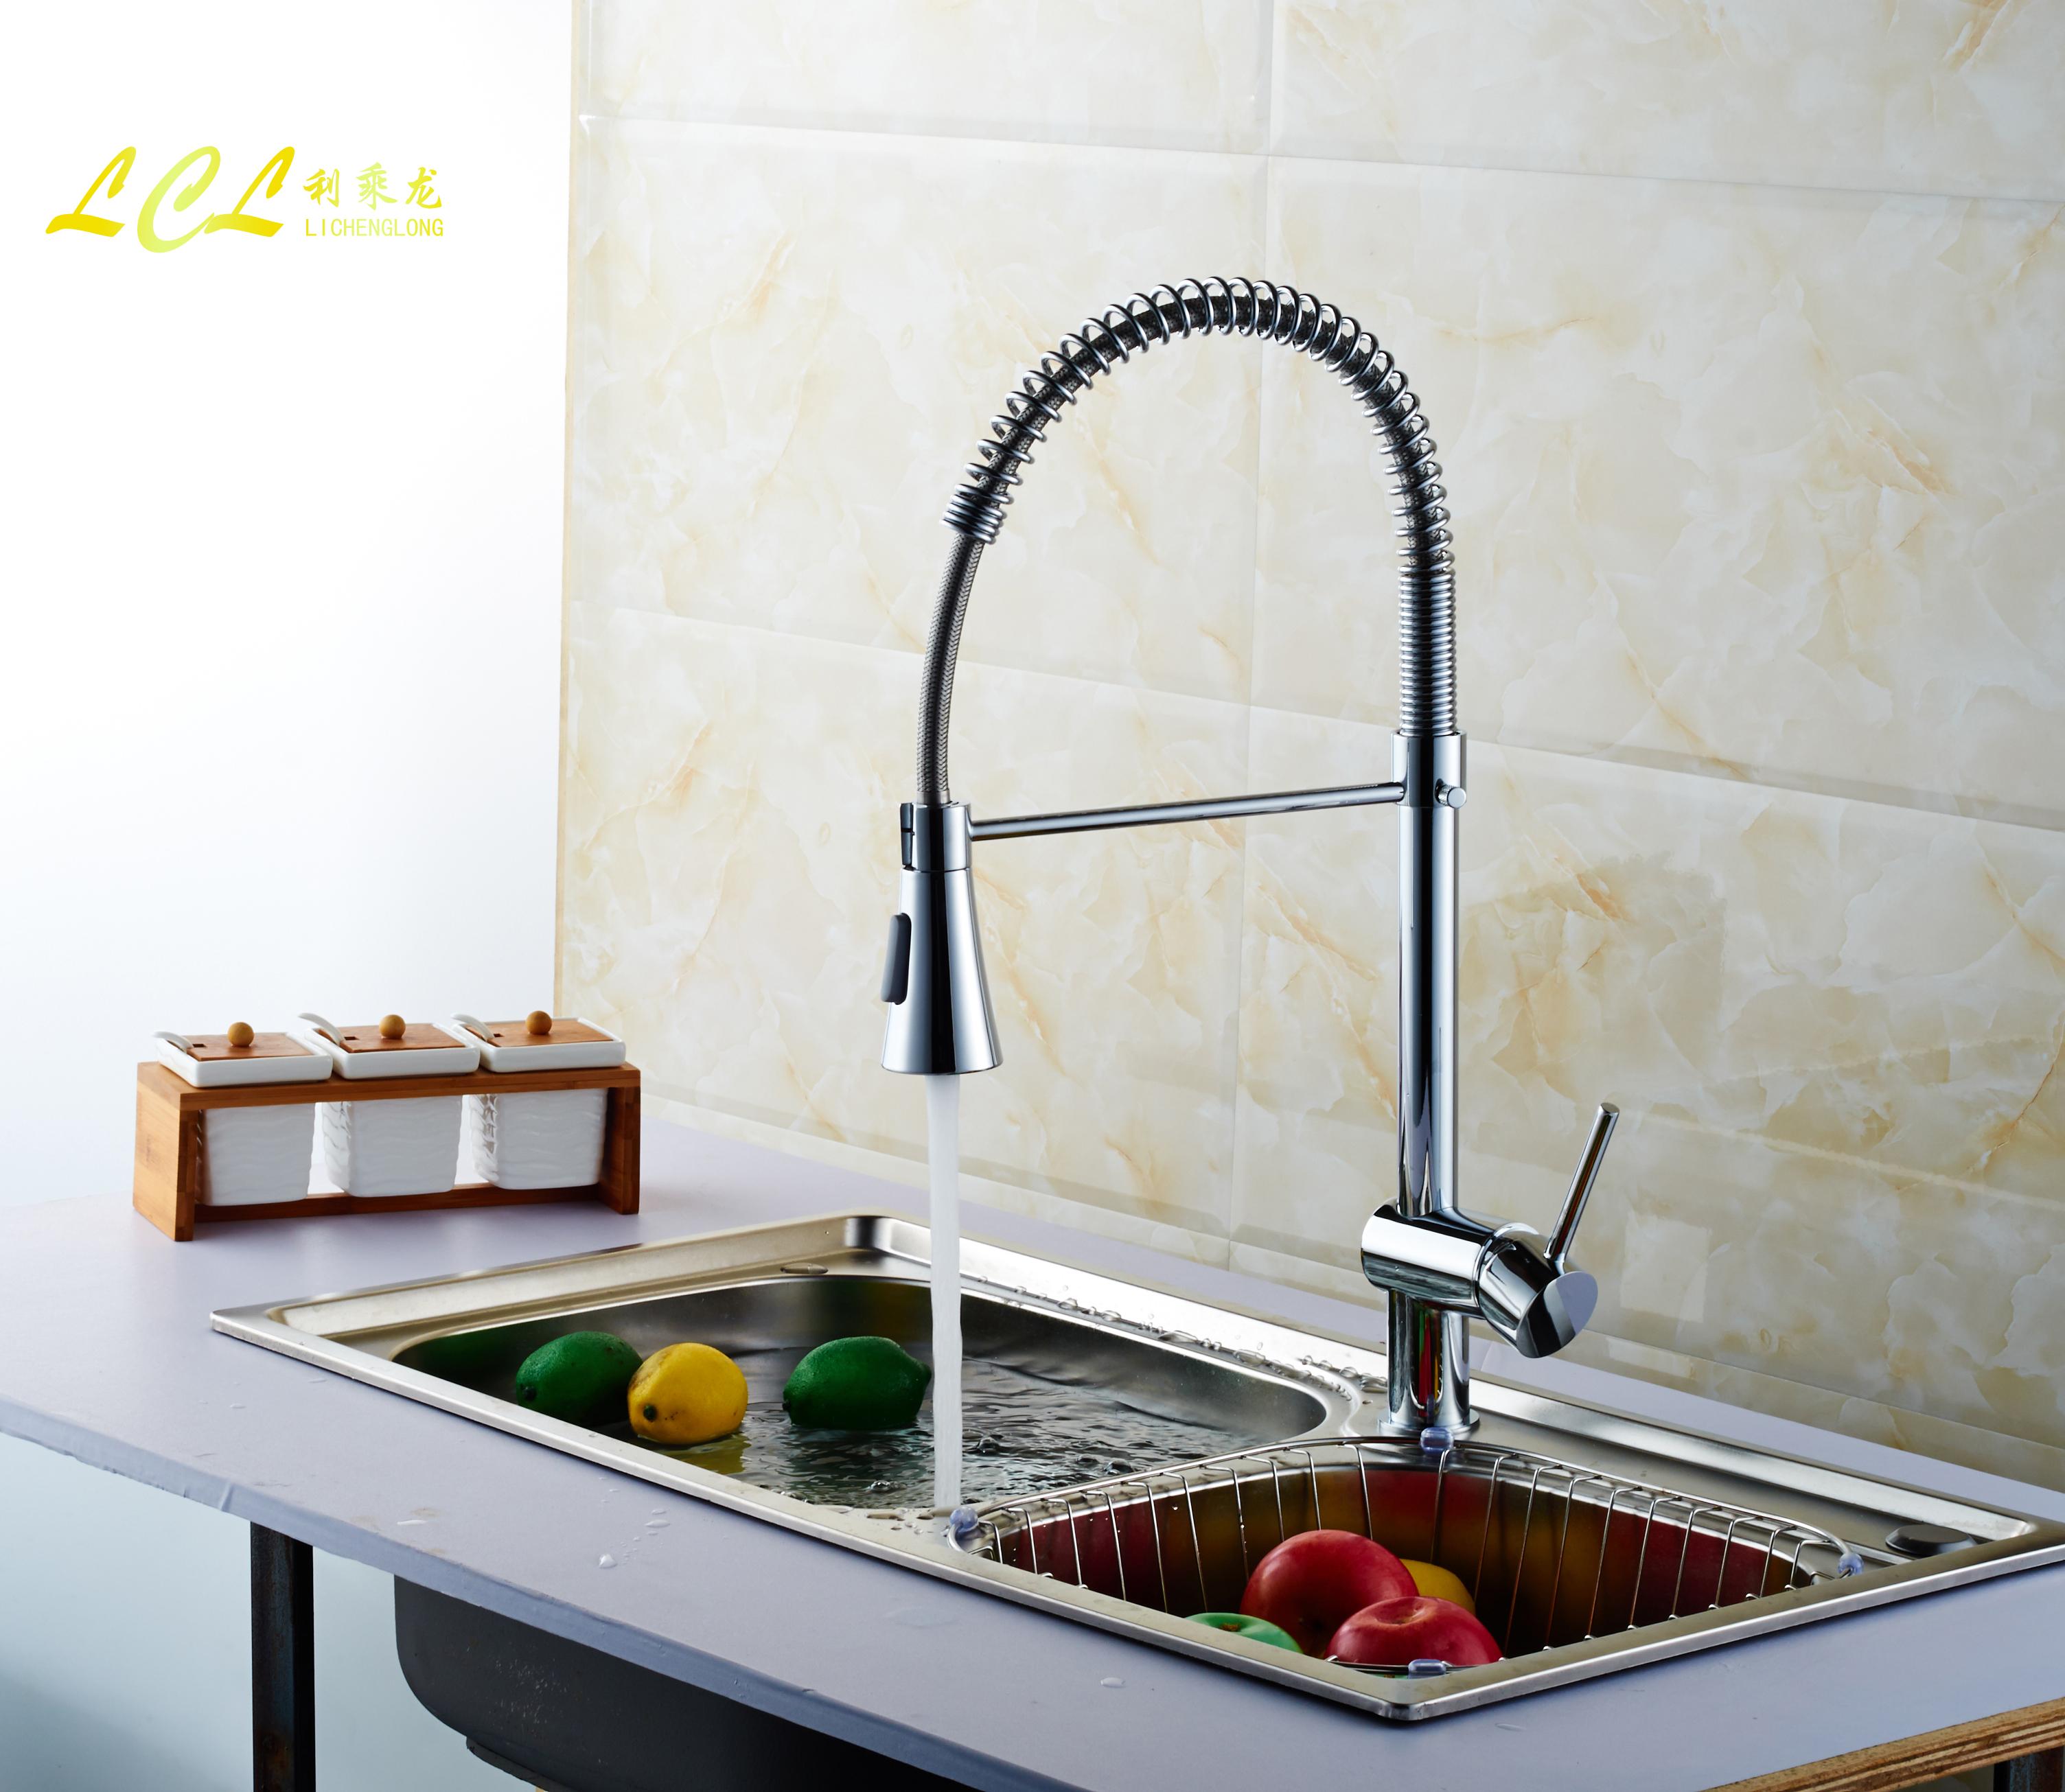 家装五金厂家直销利乘龙厨房菜盆冷热水龙头304不锈钢材料厨房龙